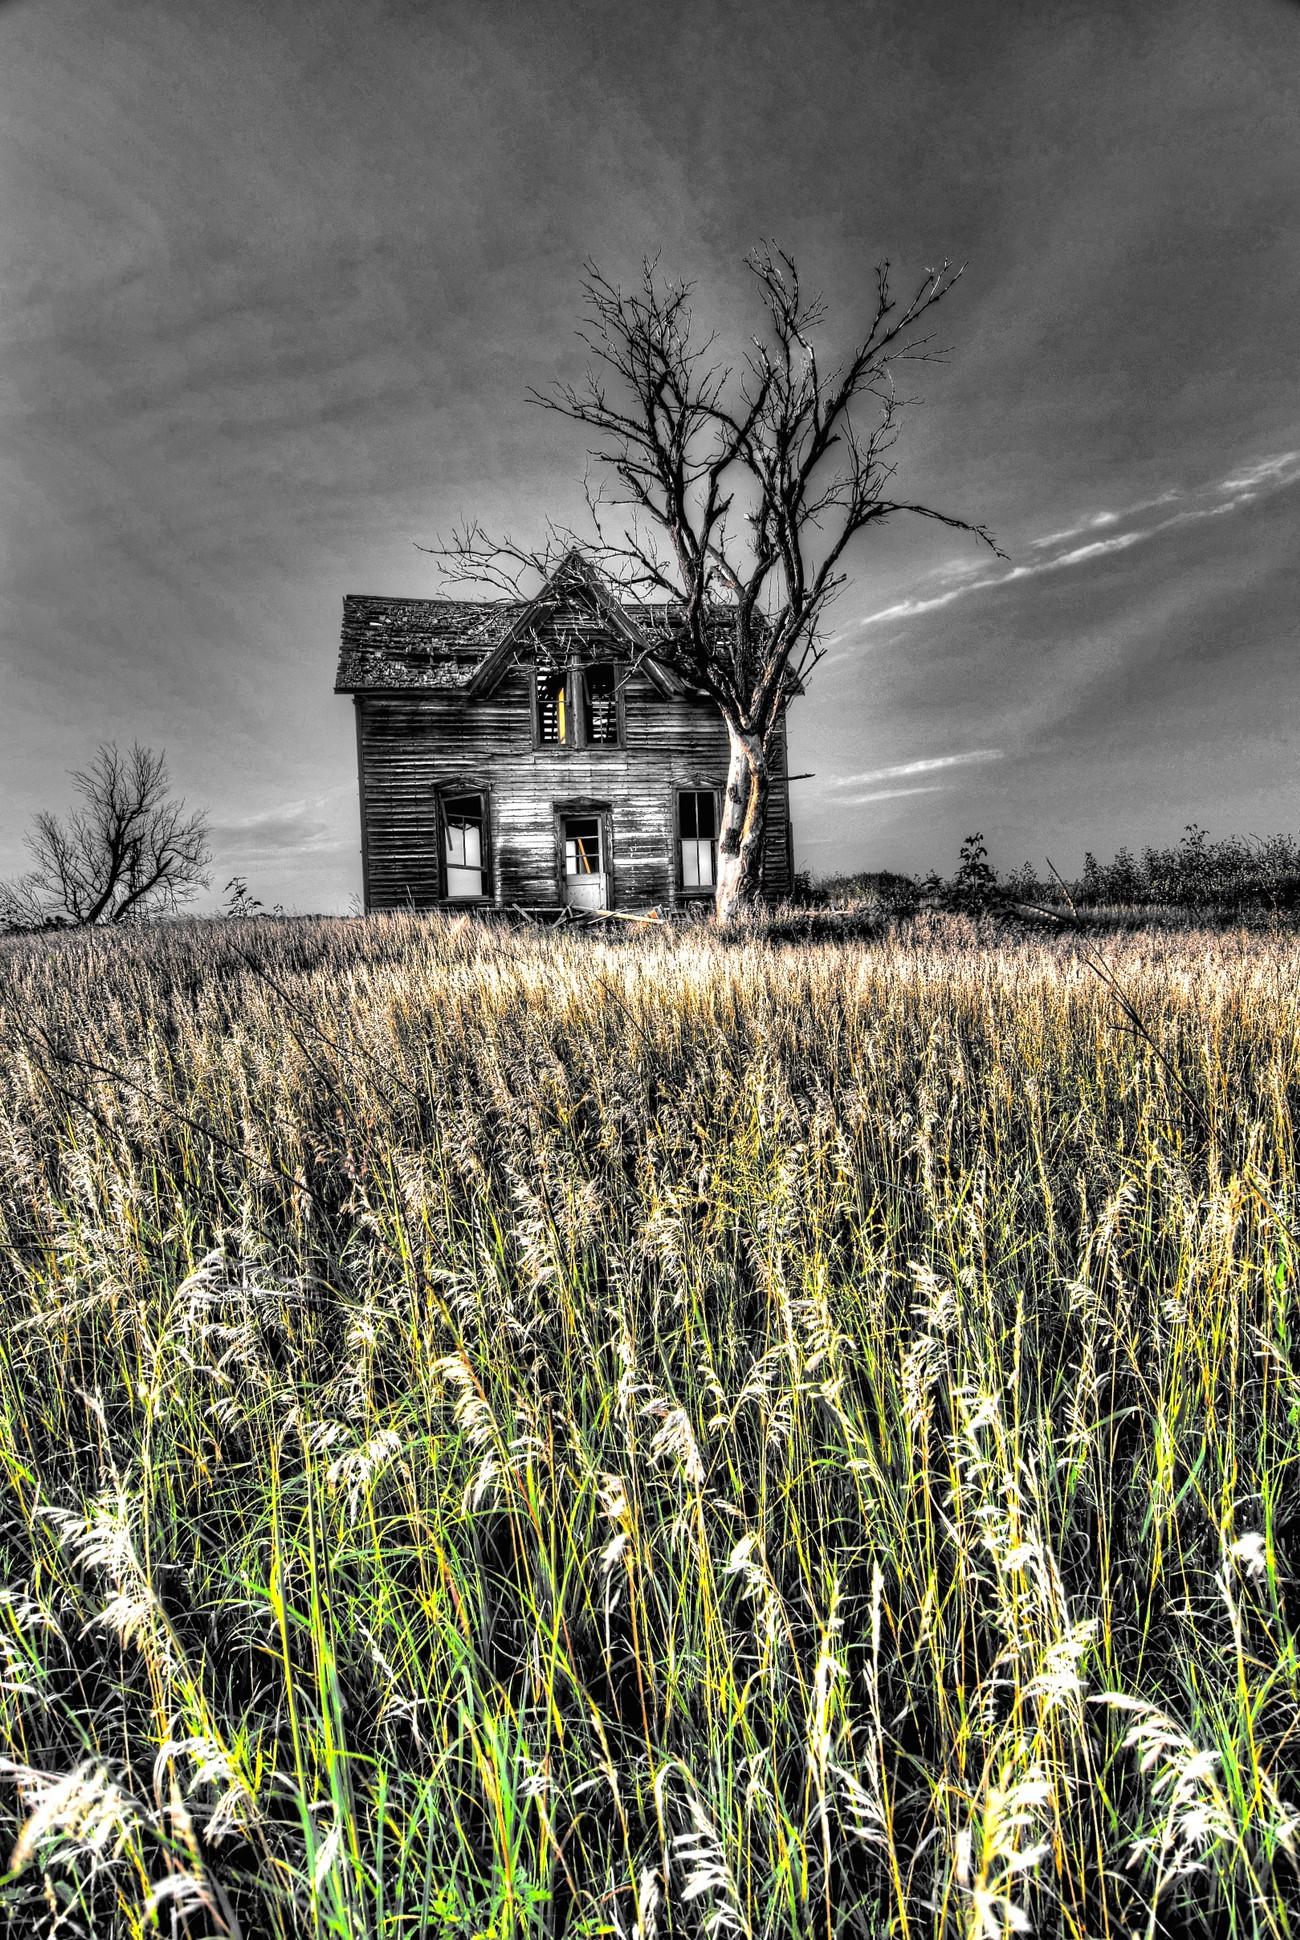 An old Kansas Farmhouse